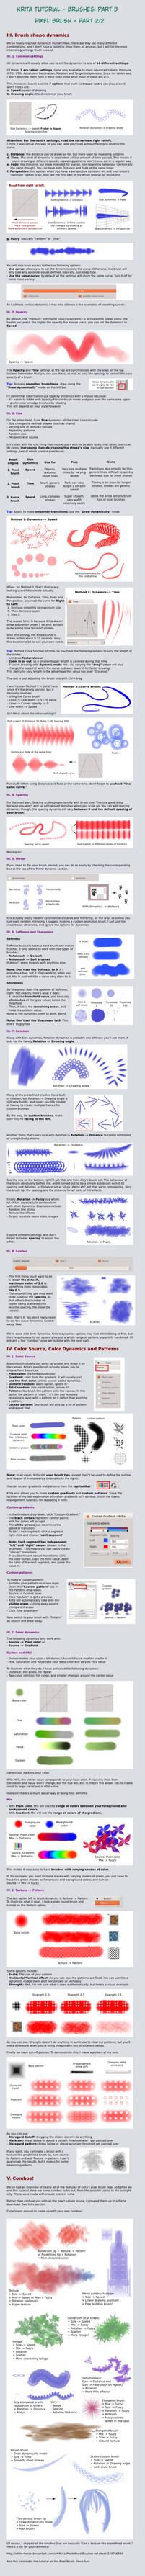 Krita Tutorial: Brushes Part B, Pixel Brushes 2/2